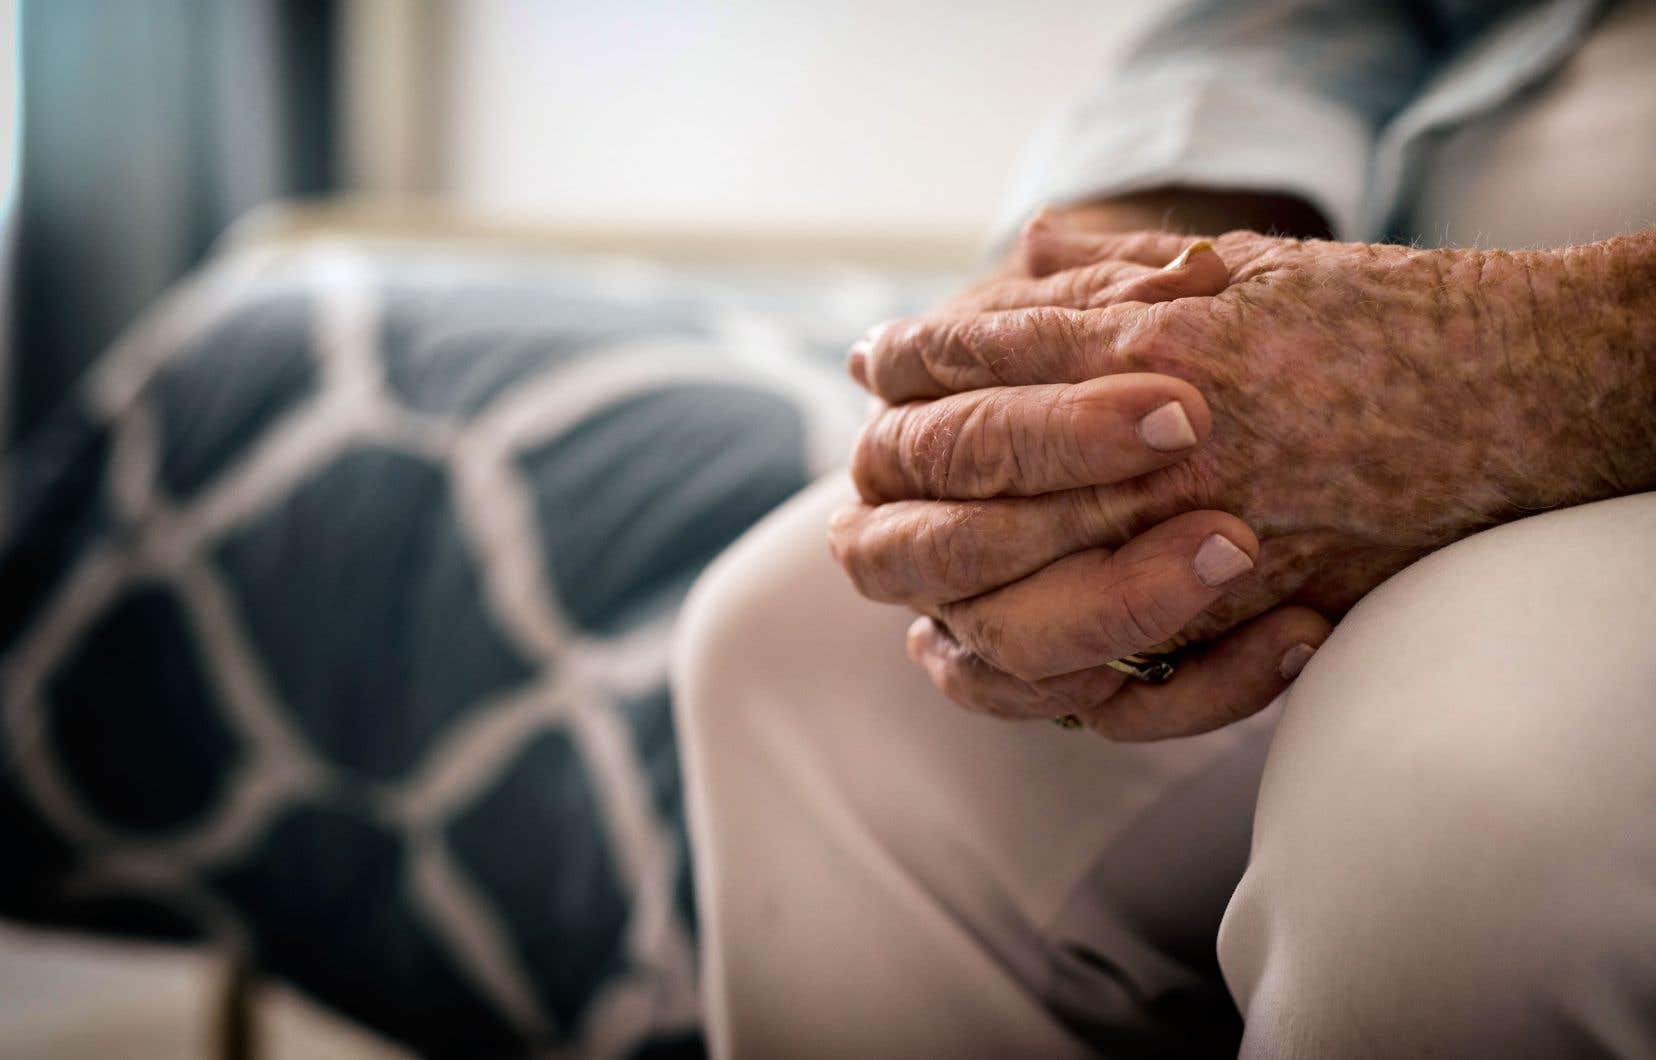 «Les personnes âgées en perte d'autonomie ont été vaccinées contre la COVID-19, pas contre la maltraitance», écrit l'auteur.